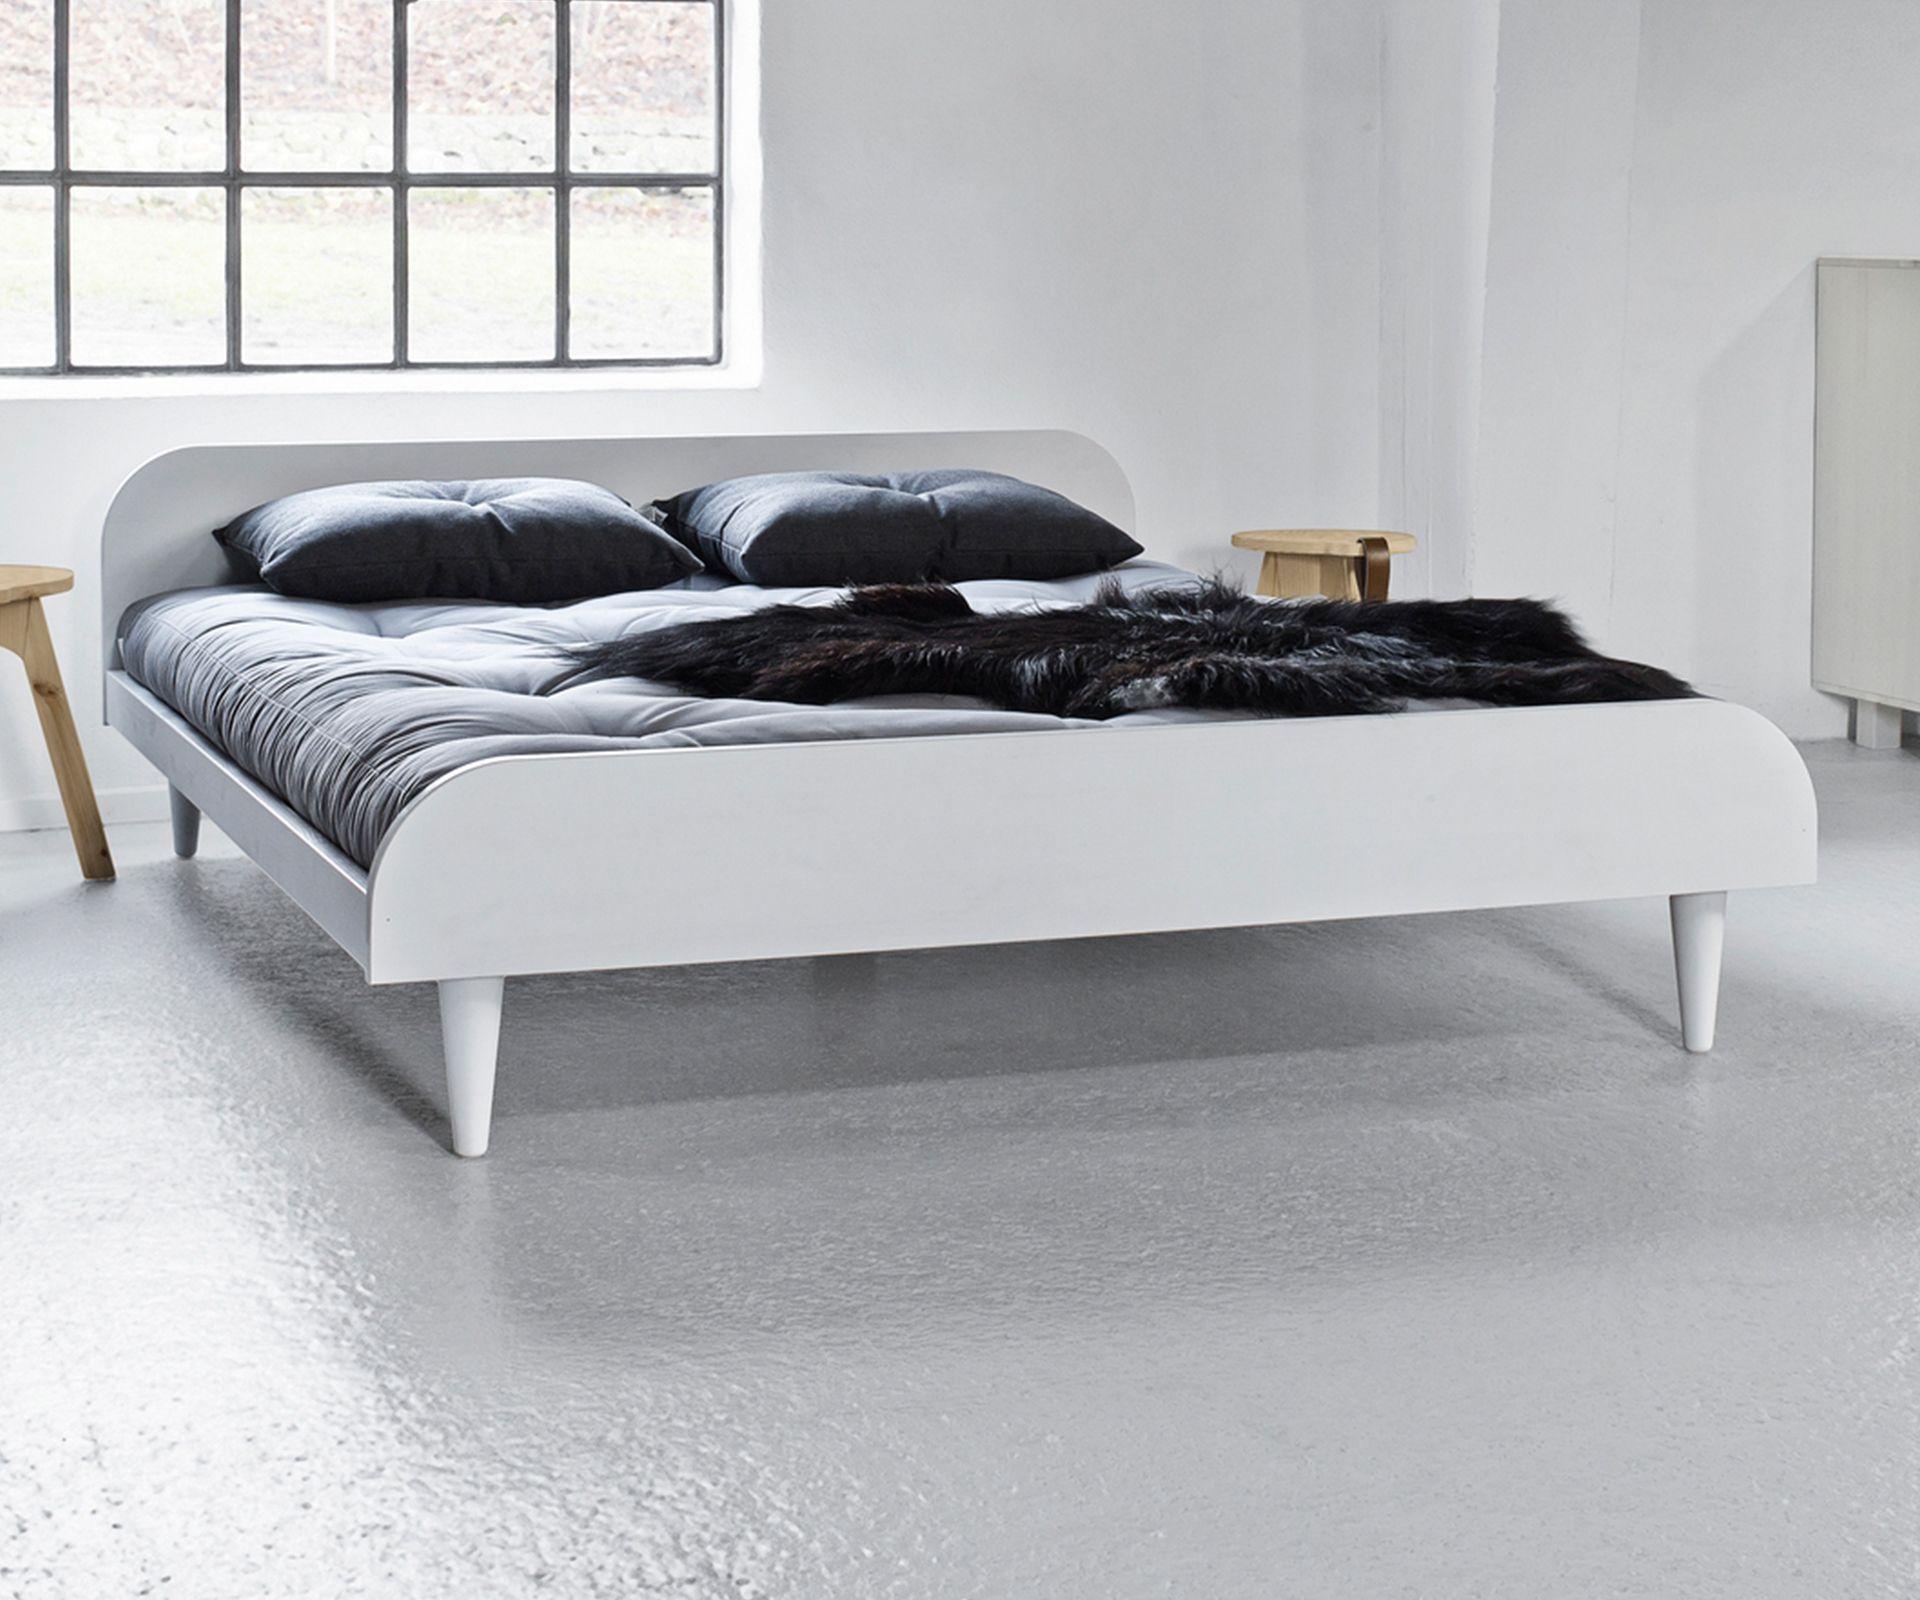 Bett Aus FSC  Zertifiziertem Holz. Perfekt Für Schlafzimmer Im  Skandinavischen Design #scandinaviandesign #